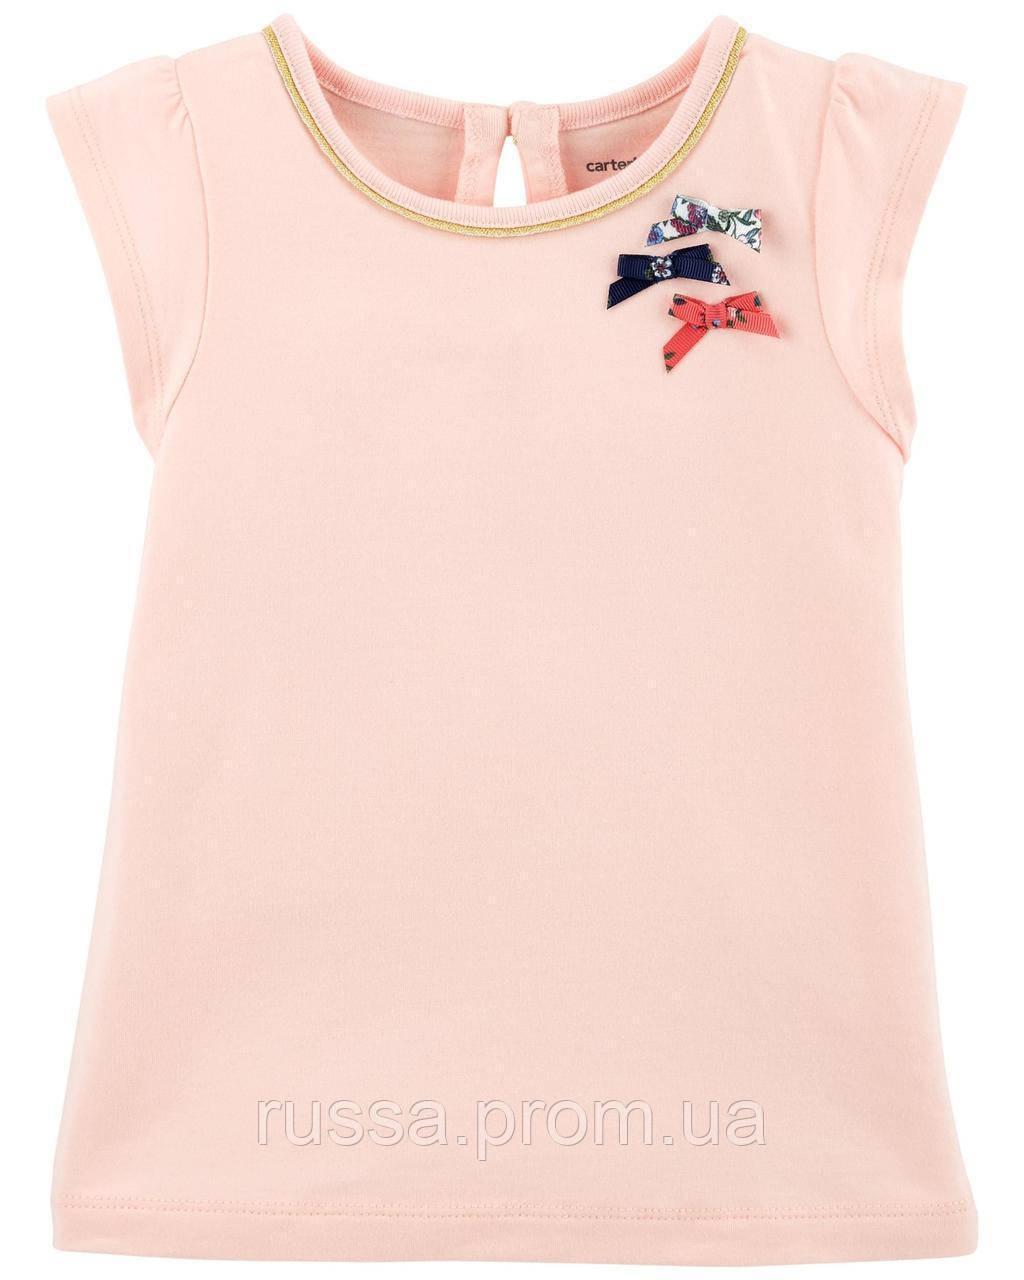 Детская розовая футболка Бантики Картерс для девочкии